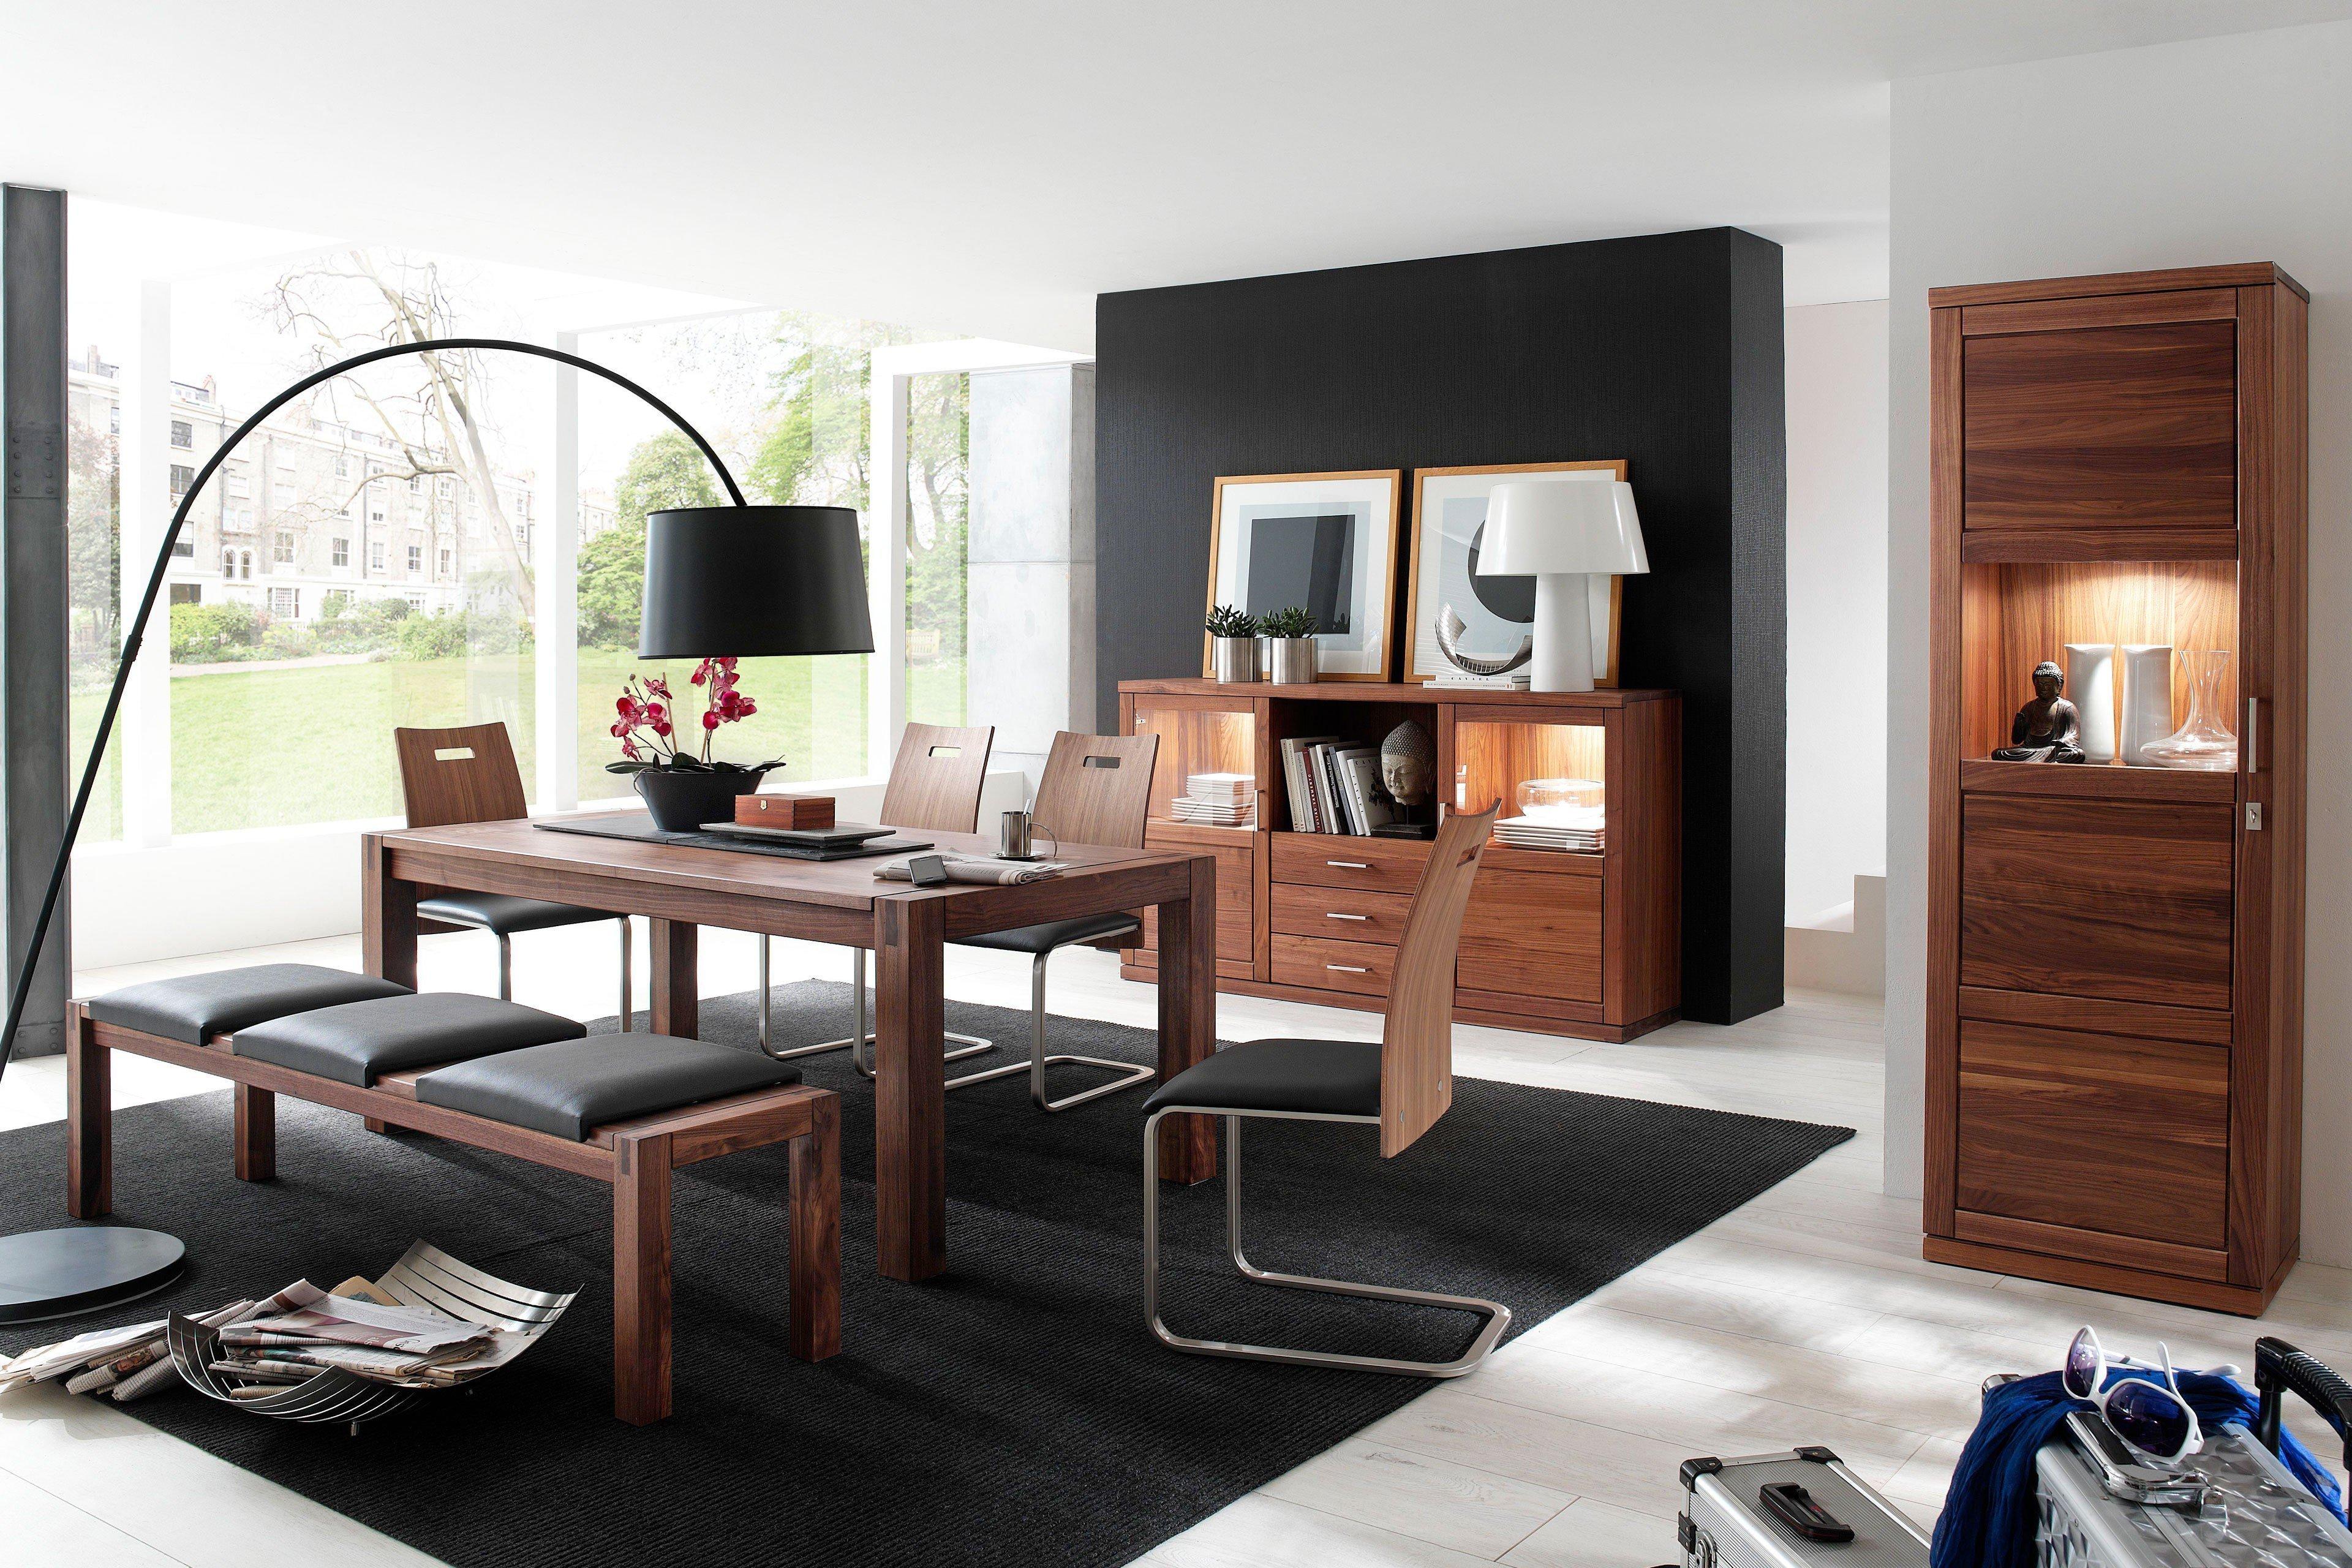 Esszimmer Von Dudinger   Tisch Signal/ Beatrice U0026 Stuhl Tiffany